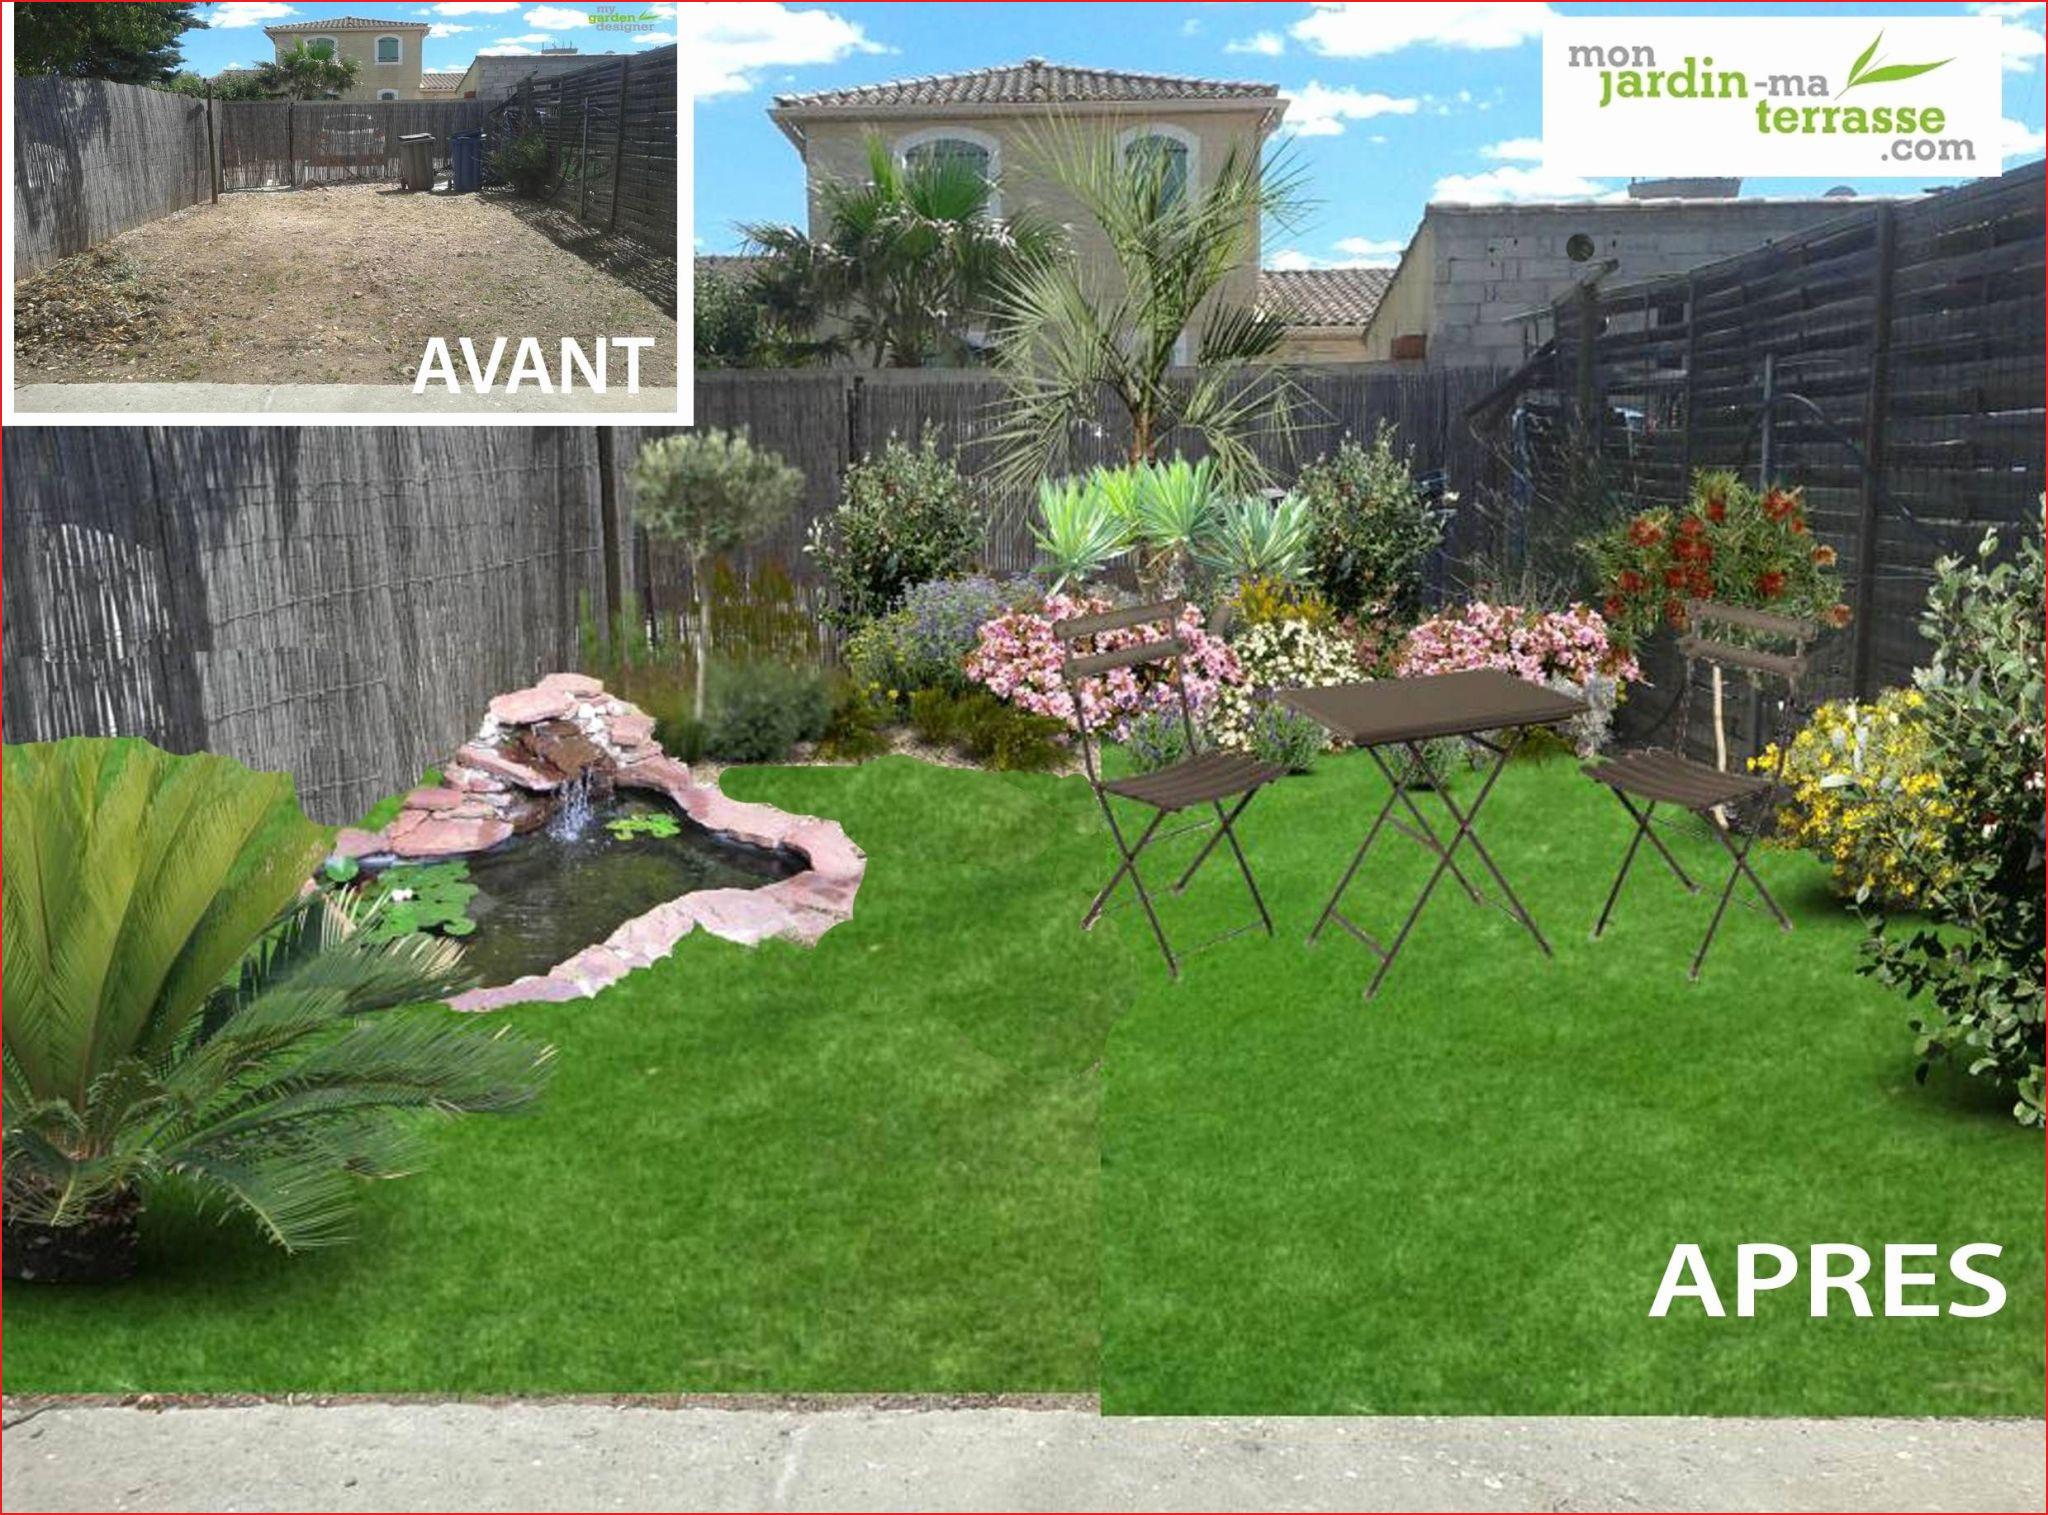 Idées Pour Bassin De Jardin Photos De Jardin Style 527744 ... tout Idée Deco Jardin